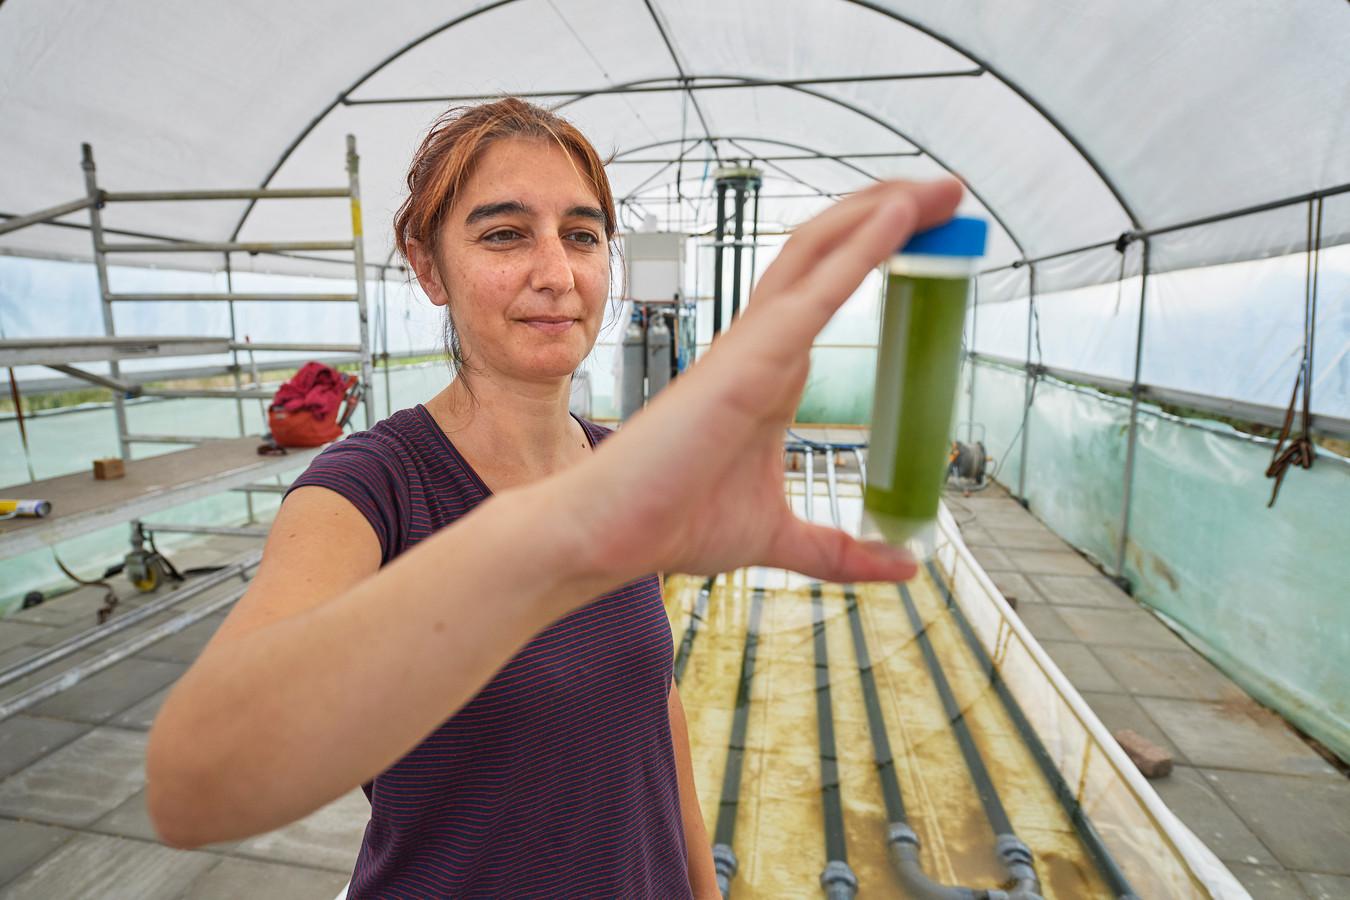 Onderzoekster Tânia Vasconcelos Fernandes bekijkt een buisje met rioolwater met daarin micro-algen.